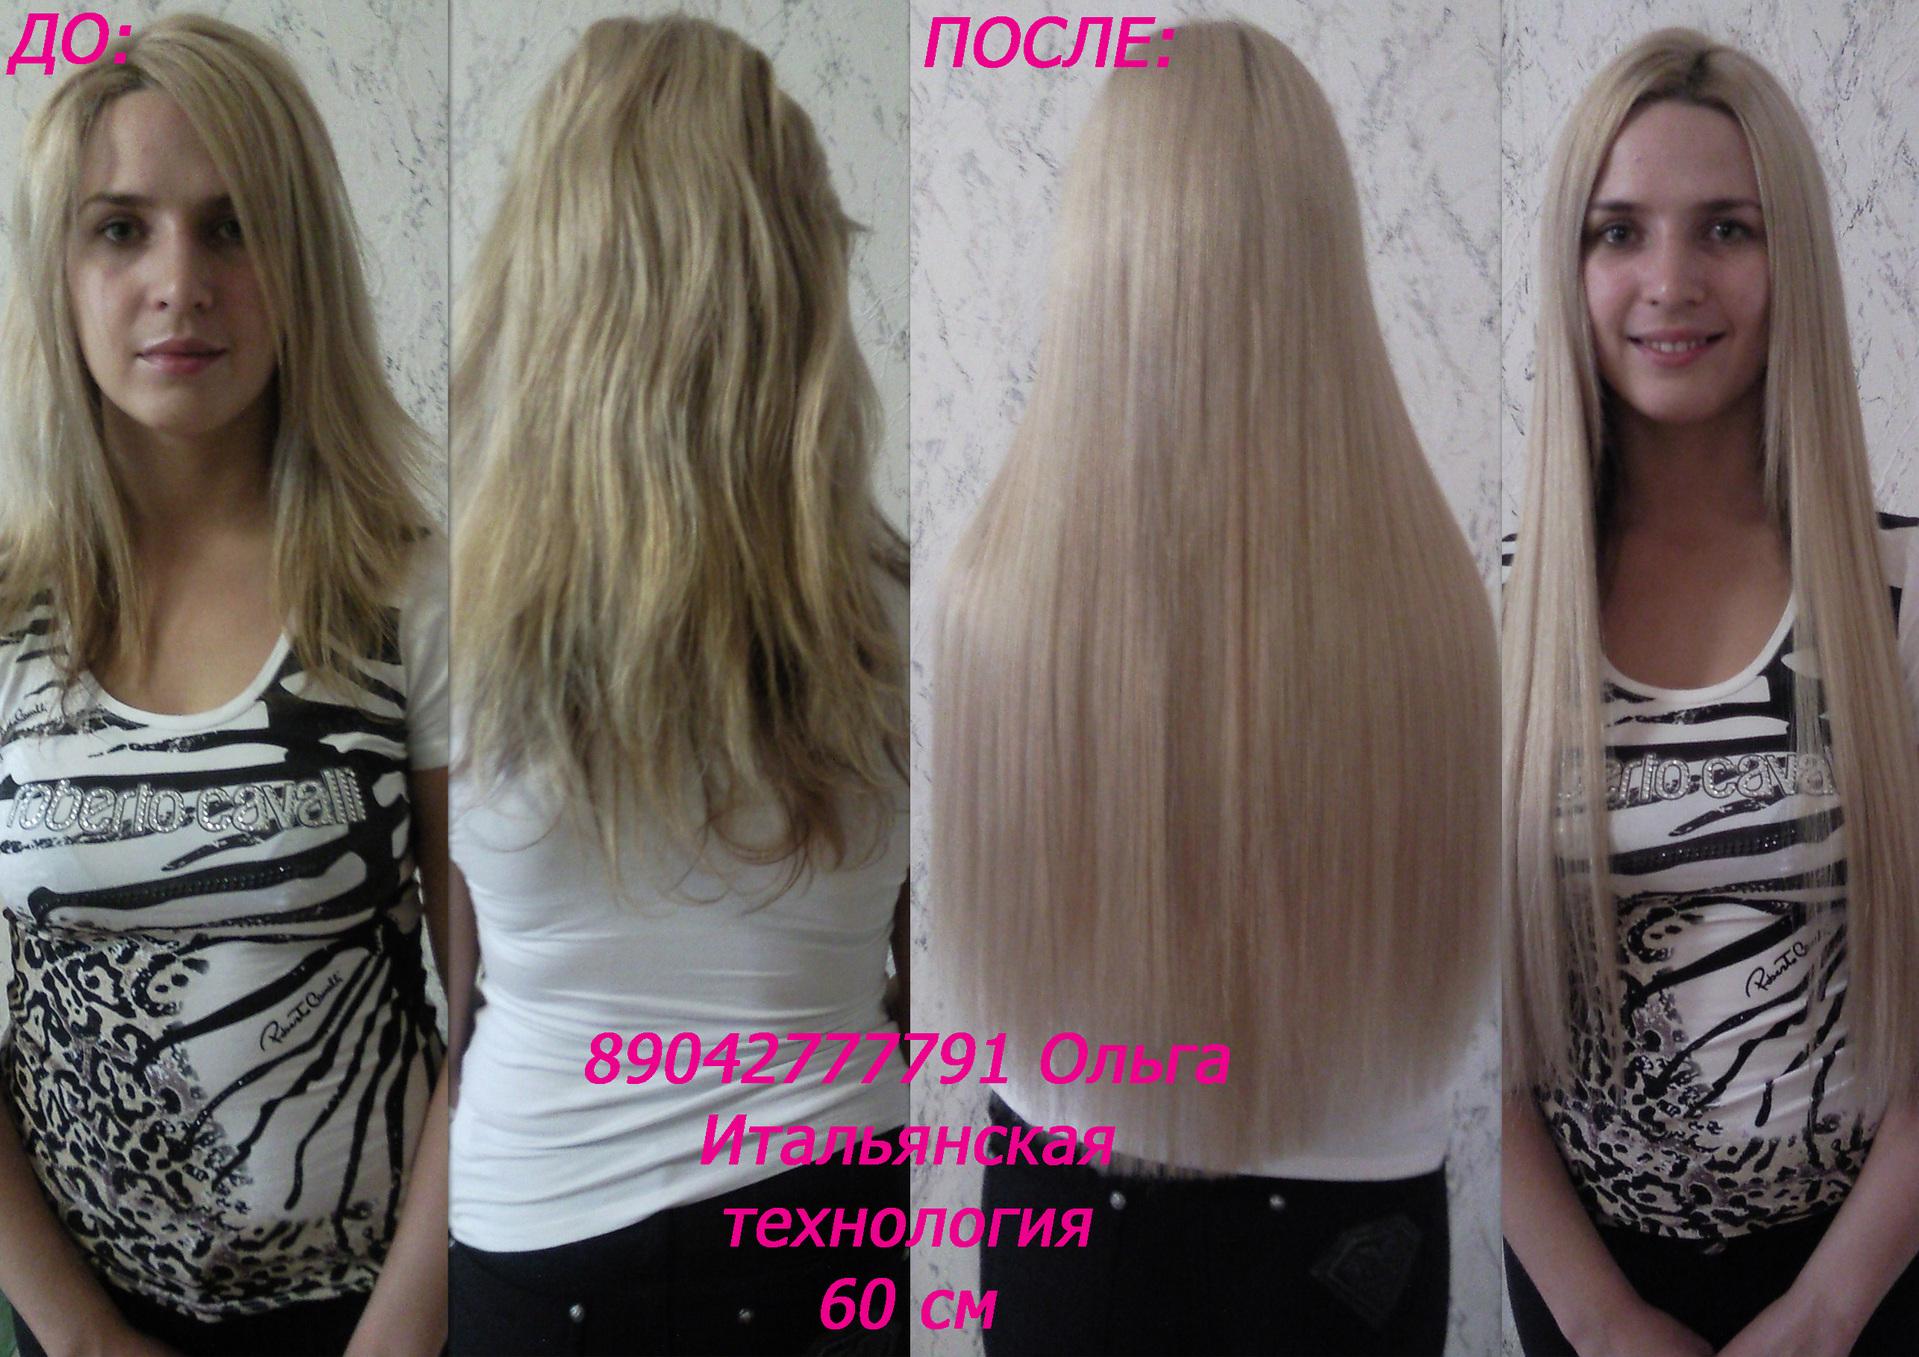 Информация о волосах как сделать их длинные - zdravie-inforu